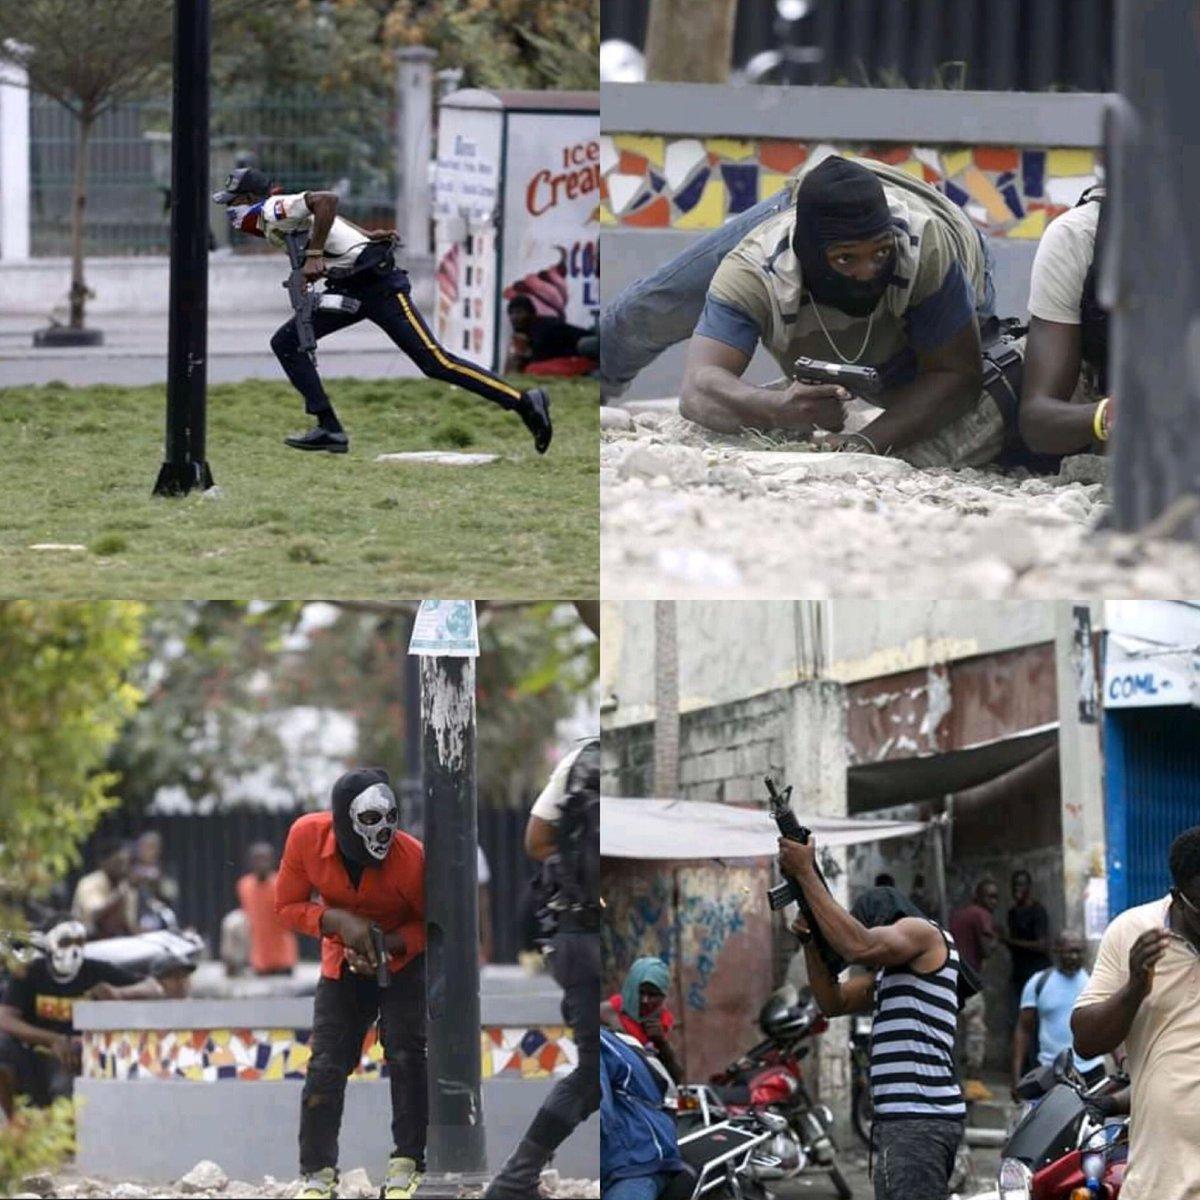 The Purge in Haiti 🇭🇹 Pray 🙏🏾 for Haiti 🇭🇹